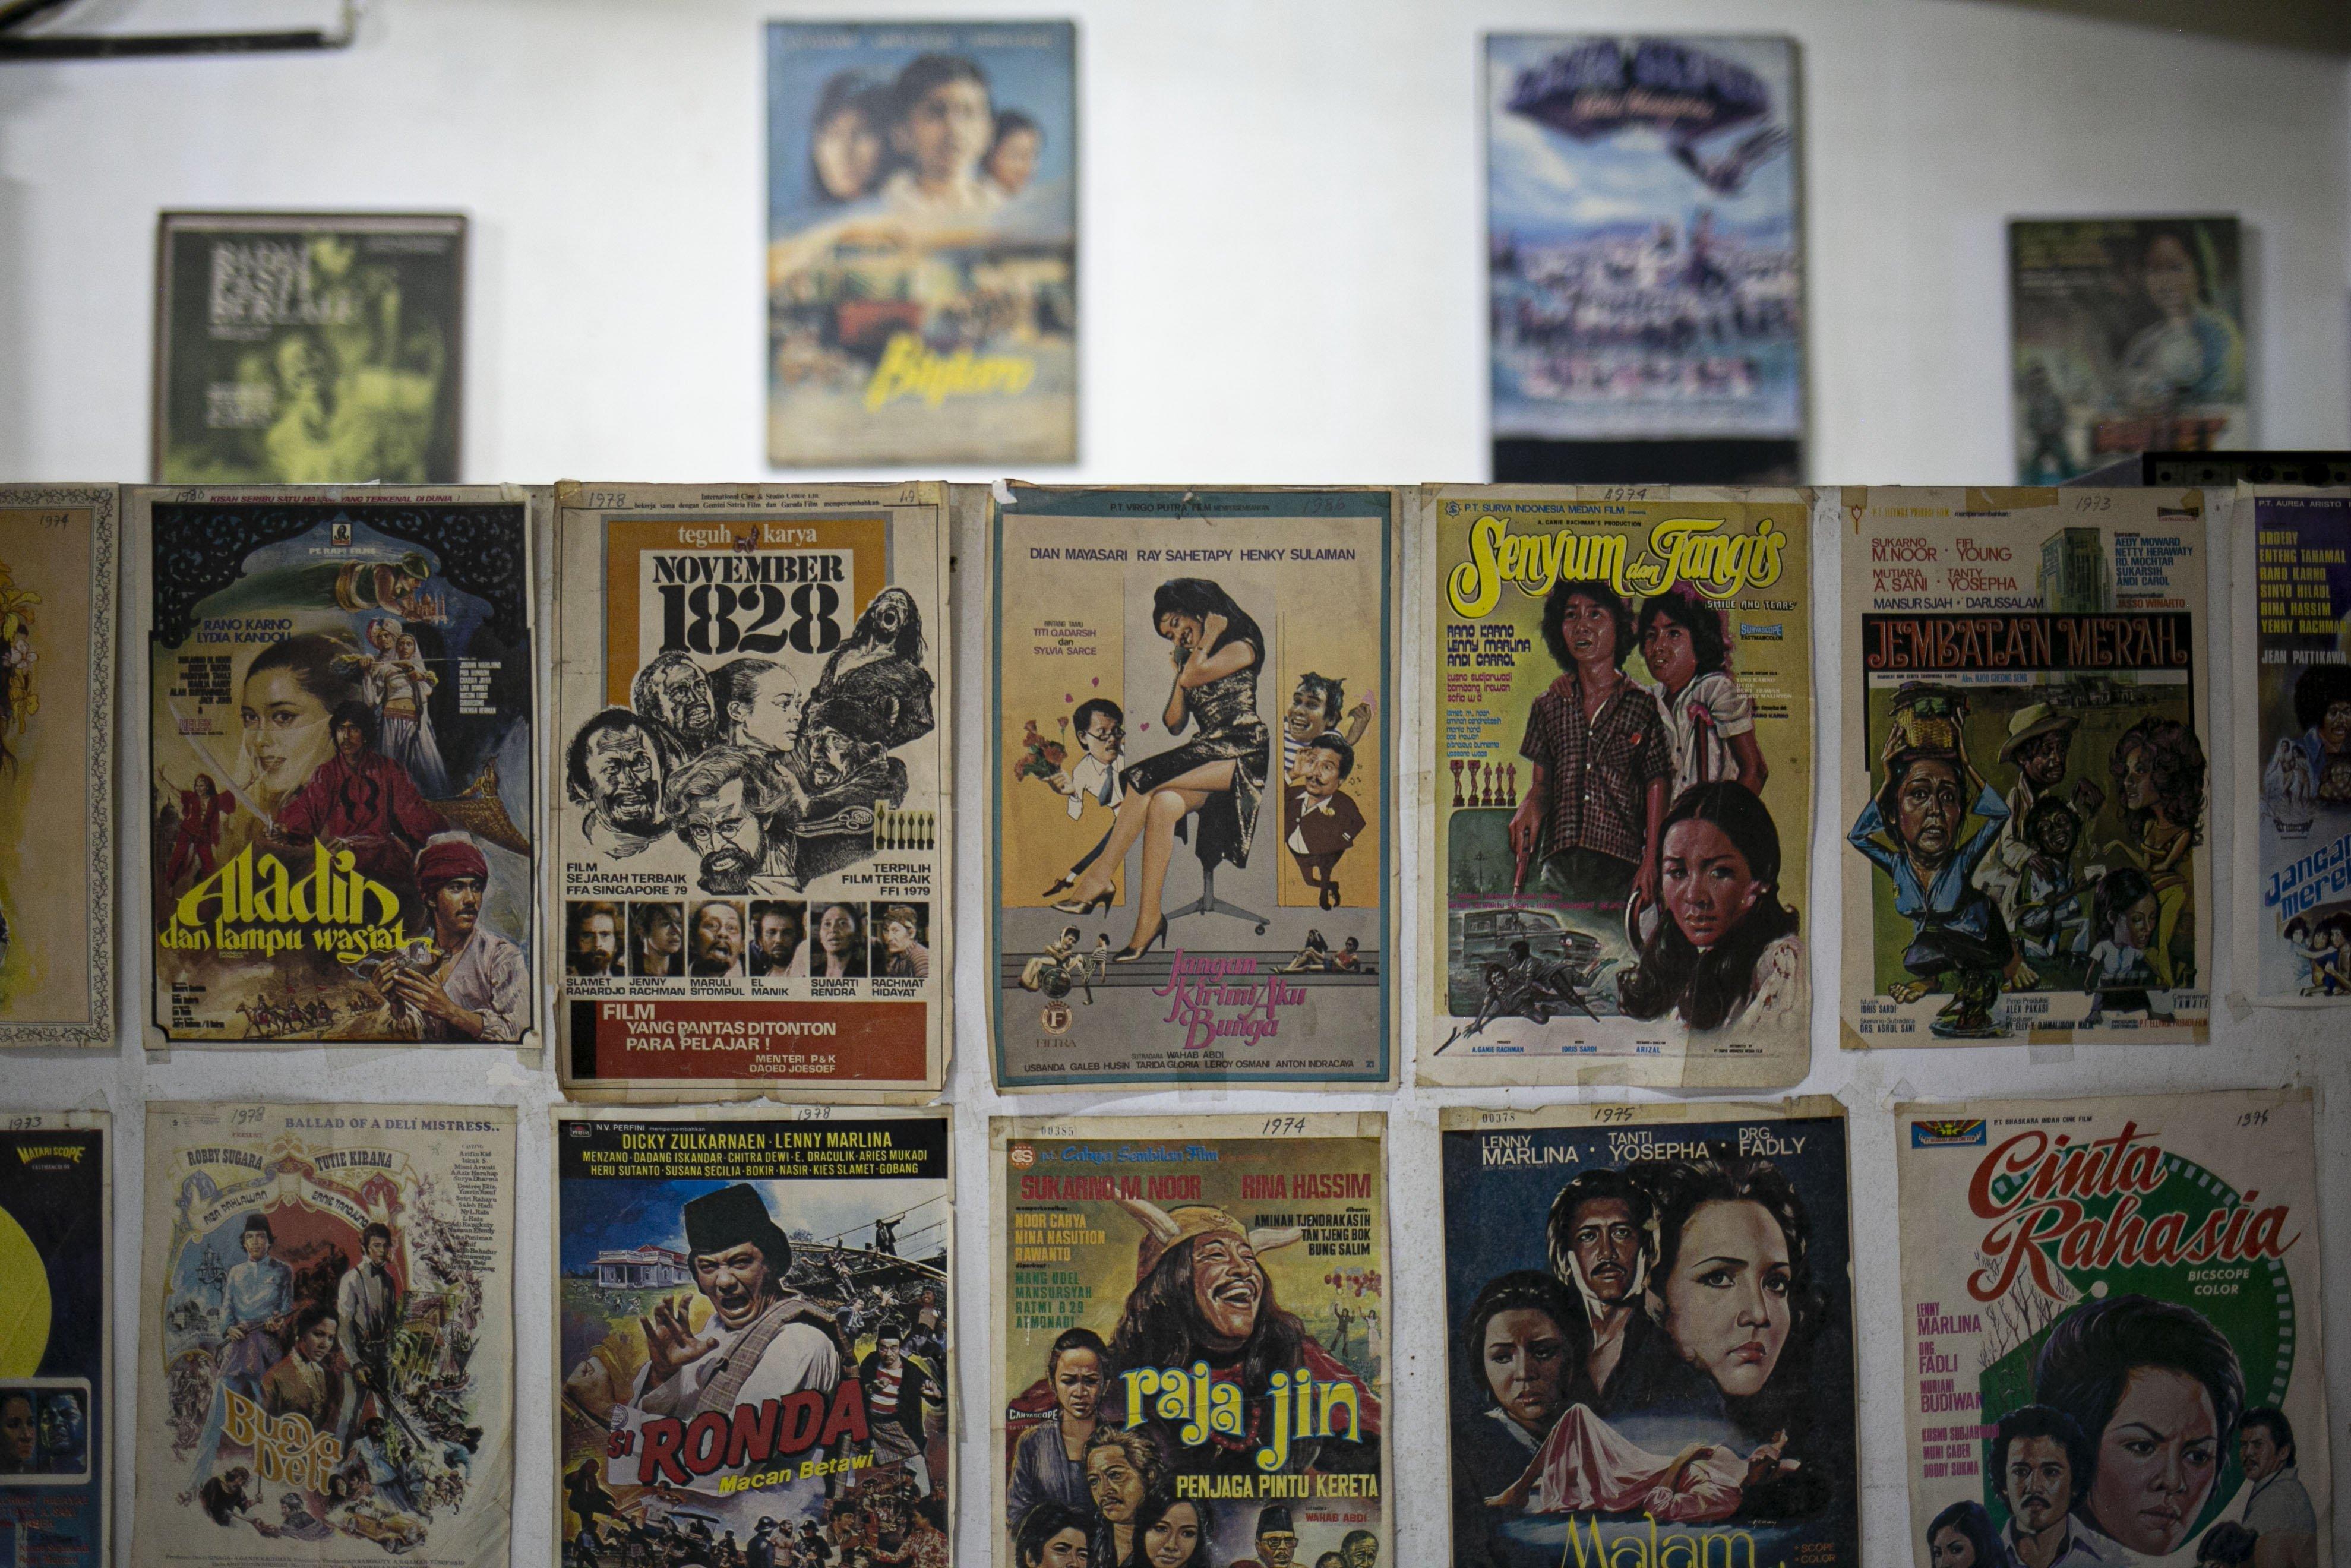 Poster film jadul yang ditempel di Gedung Sinematek, jalan HR. Rasuna Said, RT.2/RW.5, Karet Kuningan, Kecamatan Setiabudi, Kota Jakarta Selatan.